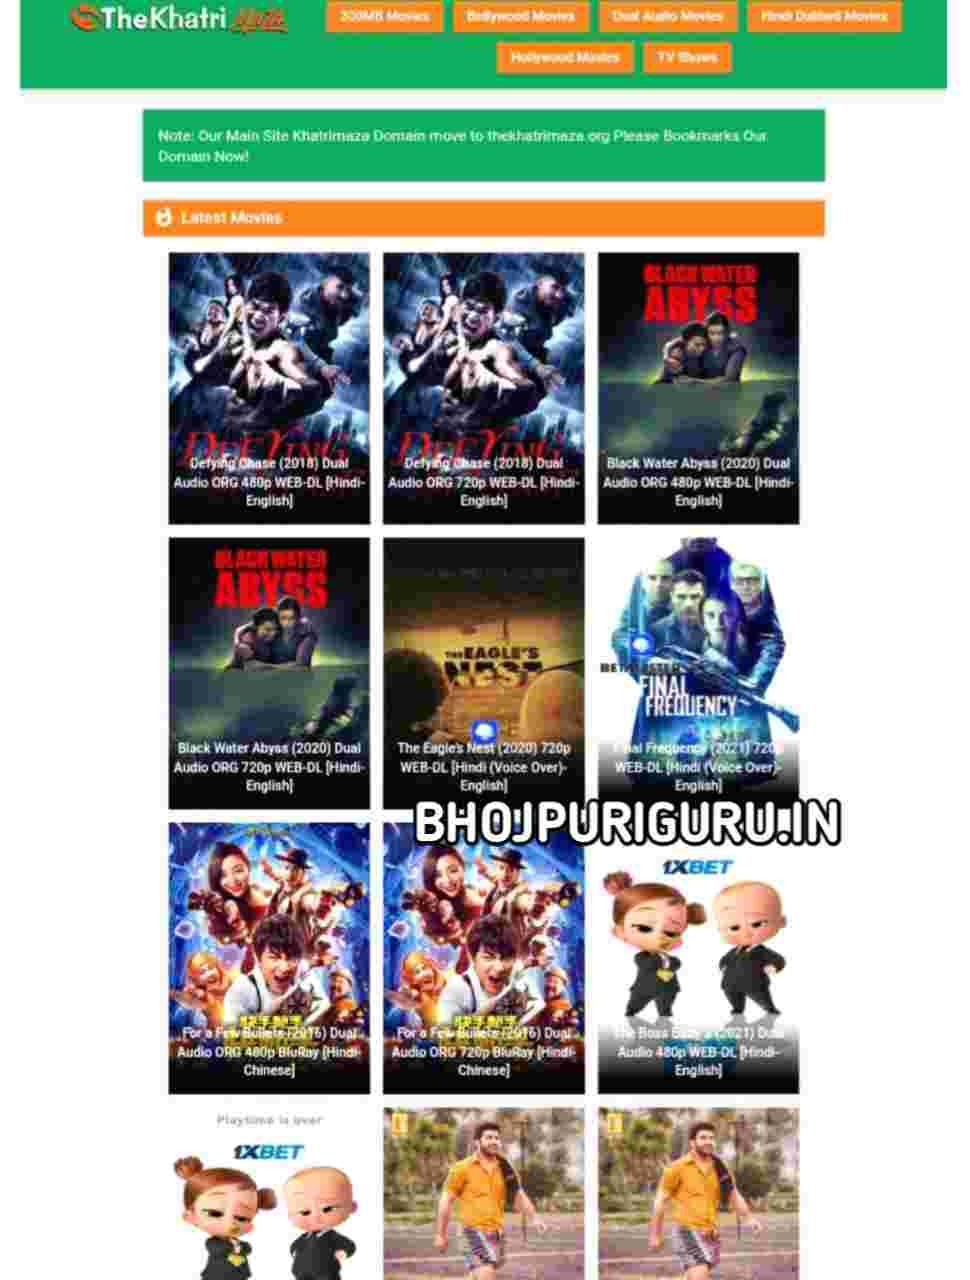 Khatrimaza Movies - South Hindi Dubbed, Bollywood, Hollywood, Hindi Web Series Download - Bhojpuriguru.in